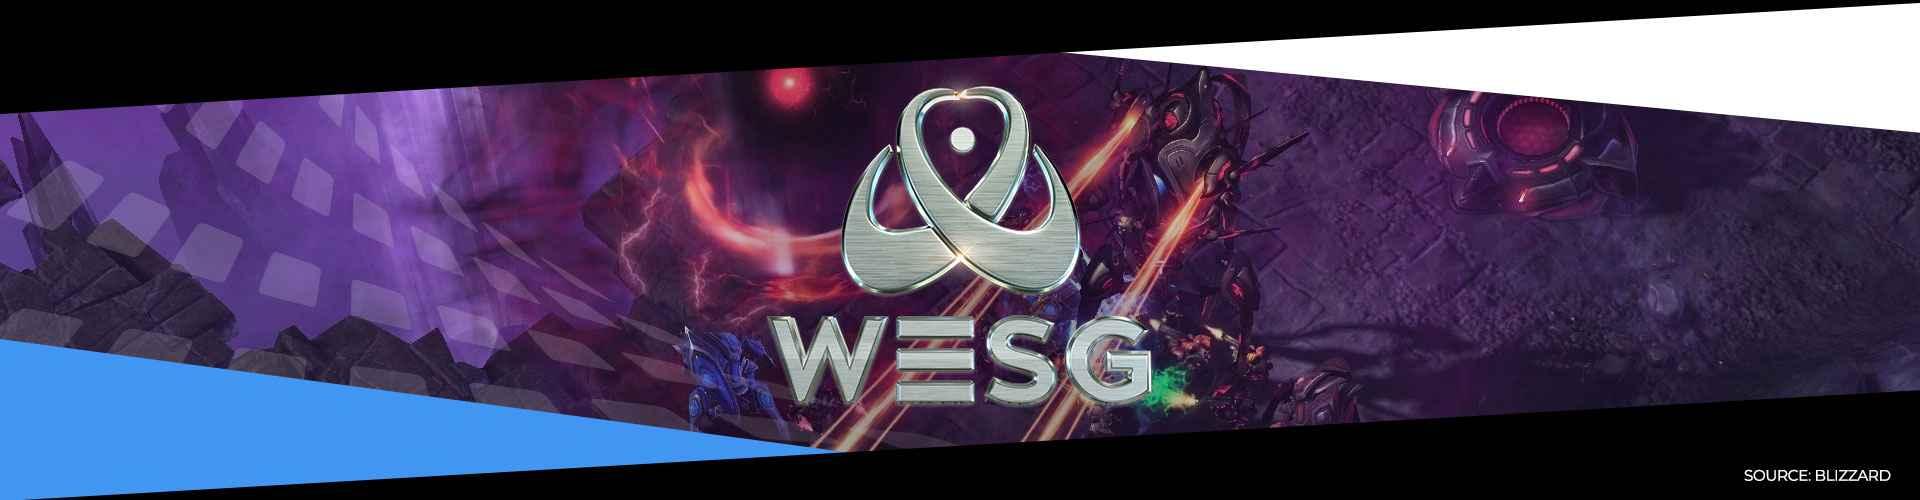 Den finska Starcraft 2-spelaren Serral förlorade finalen i WESG 2018.